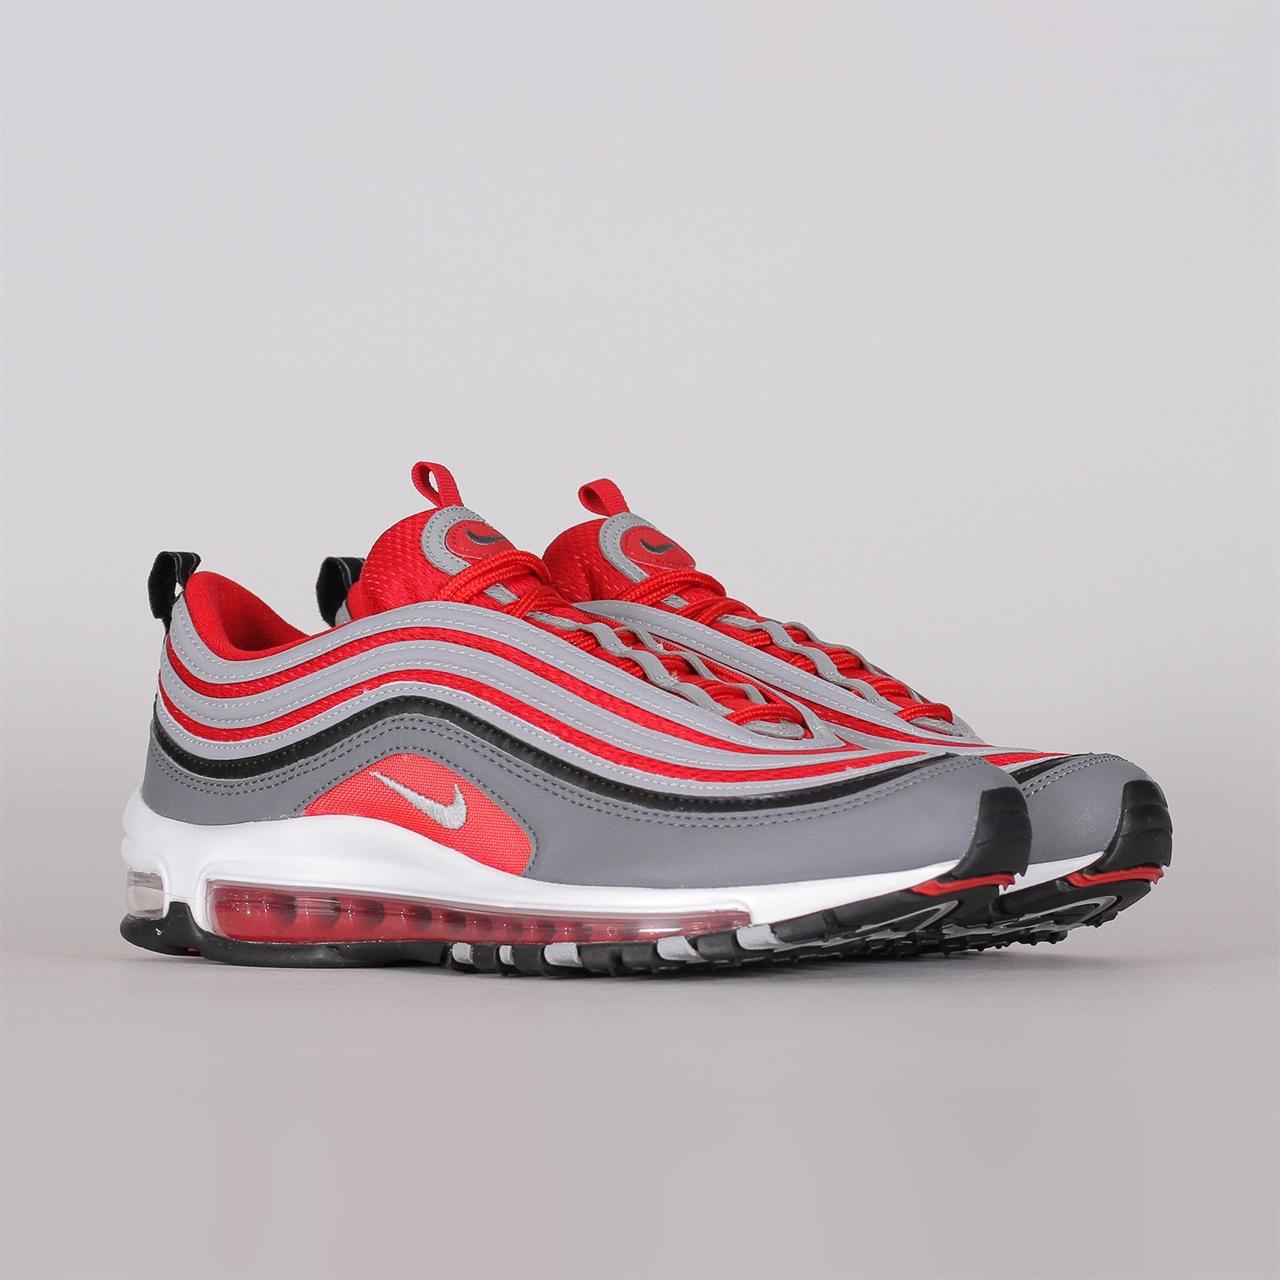 08dea0ca8b21 Shelta - Nike Sportswear Air Max 97 (921826-007)